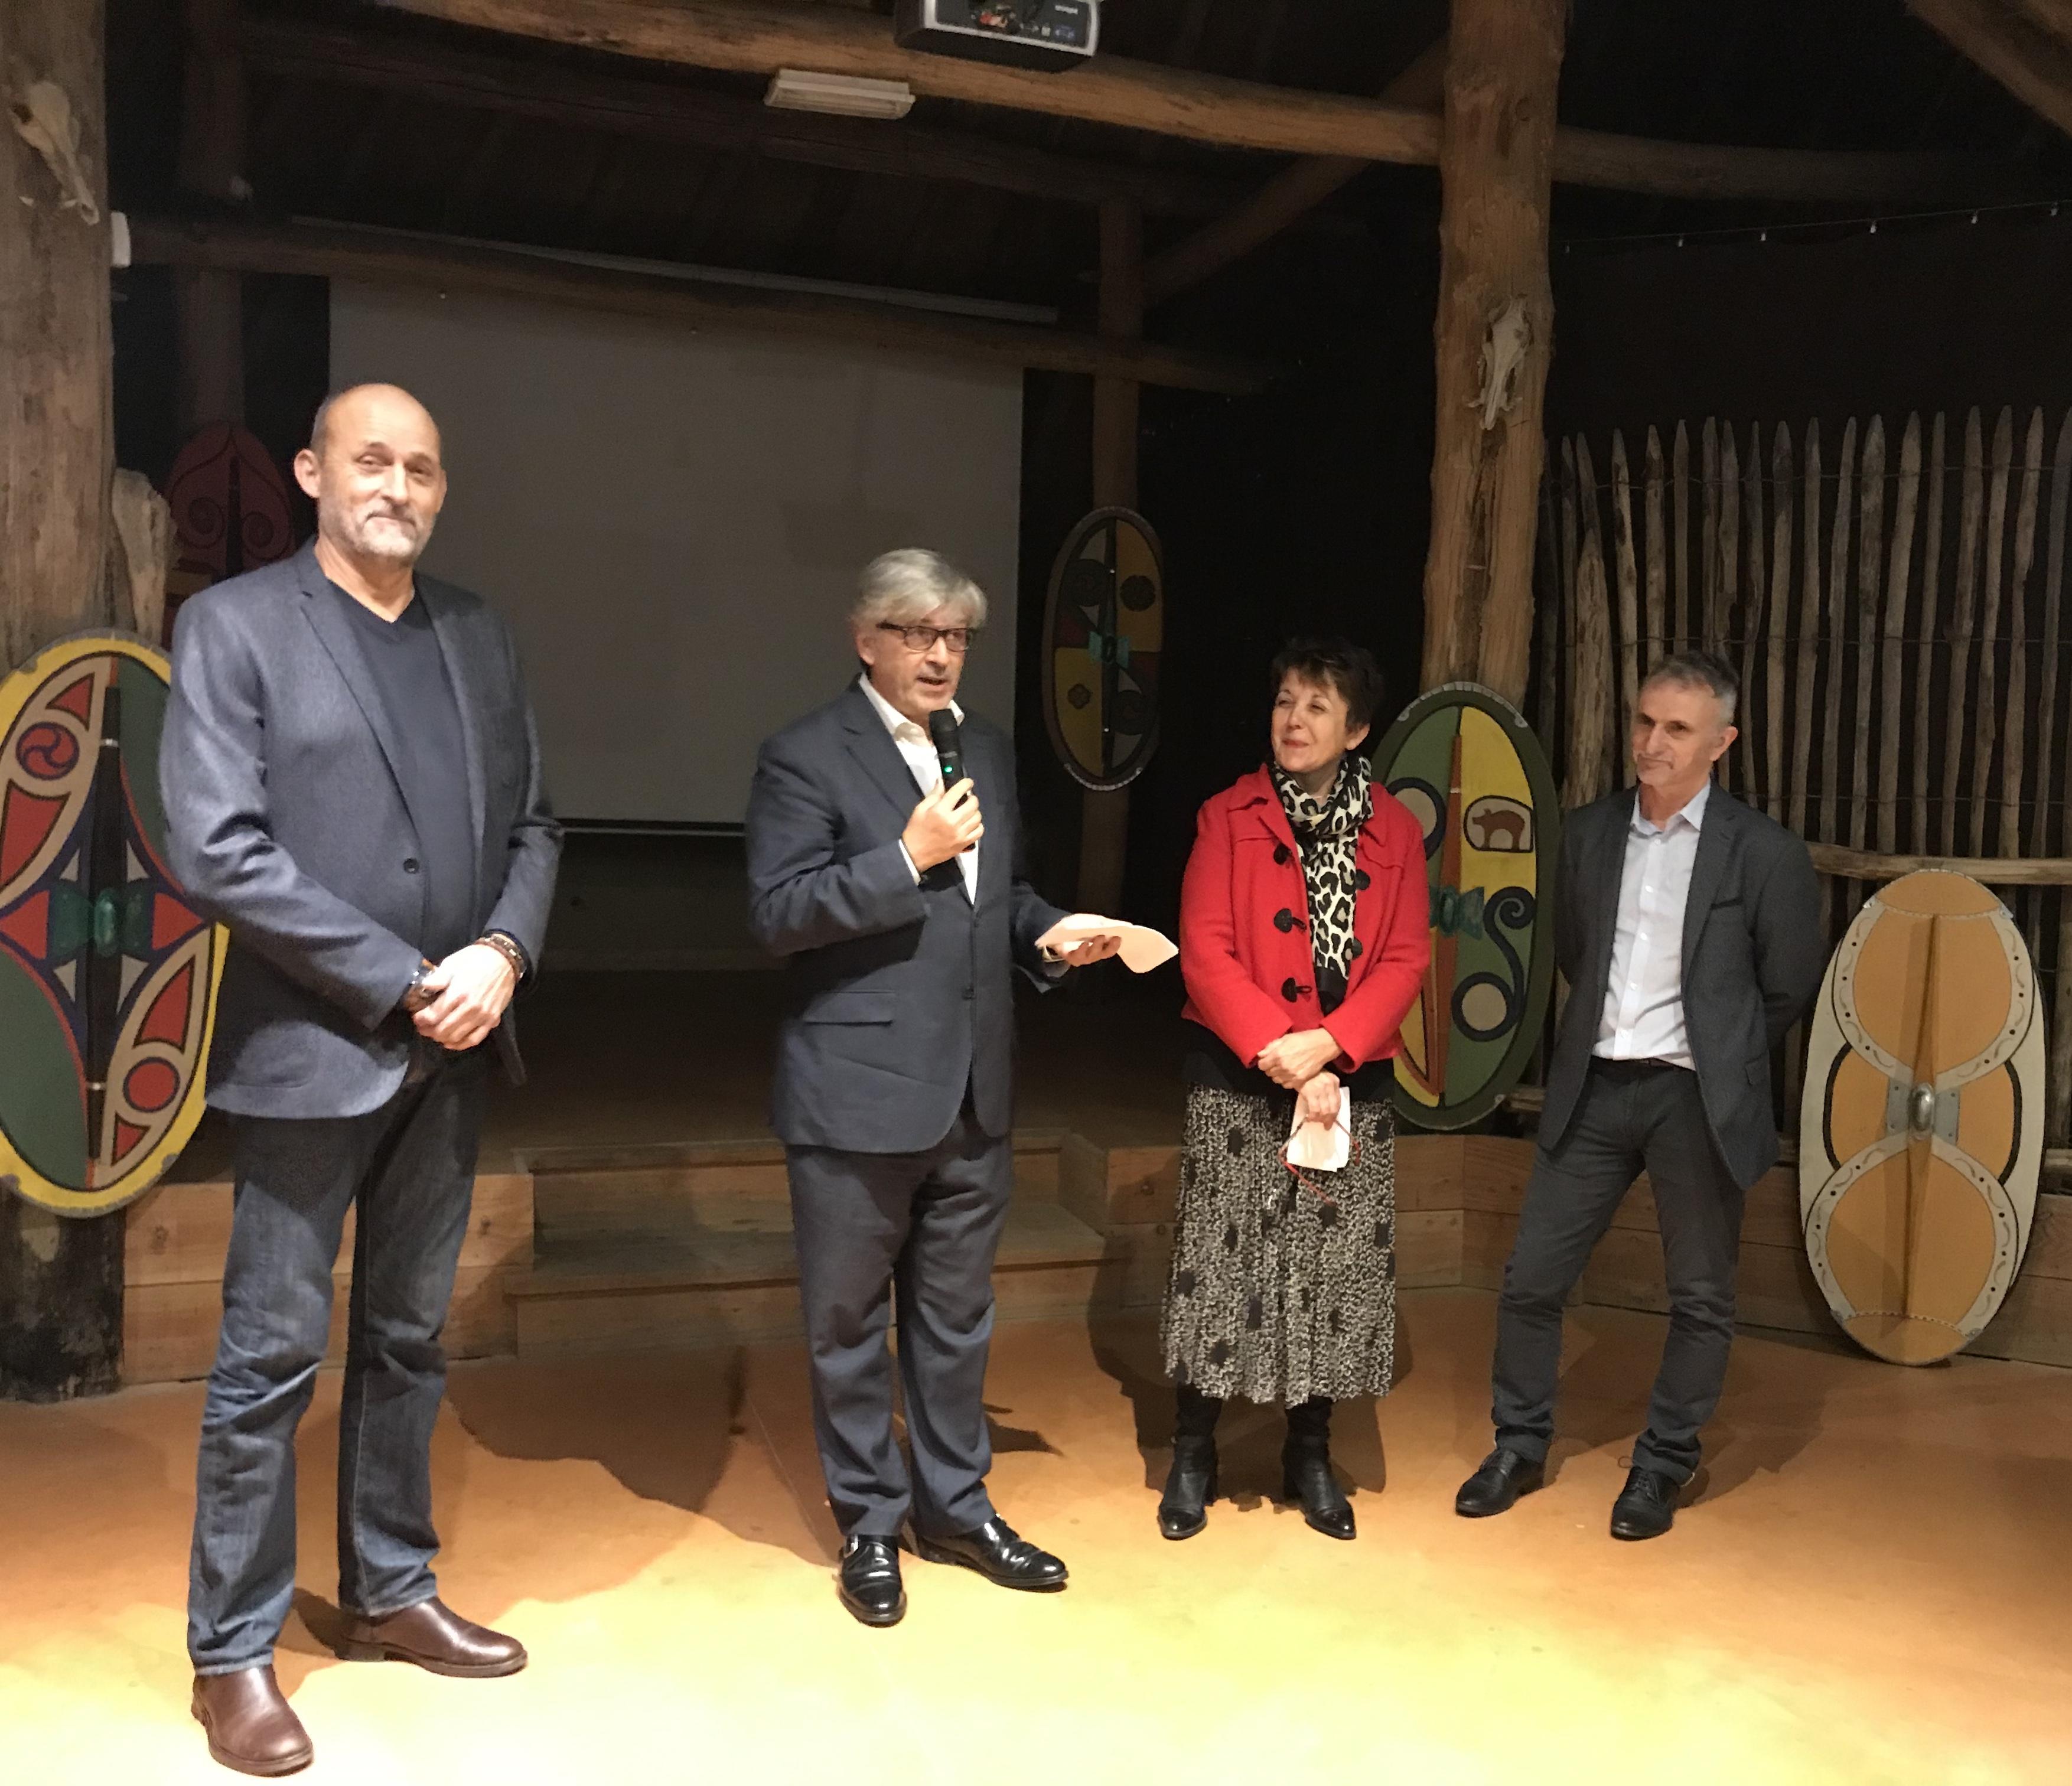 Jean-Luc BLANCHARD, Didier CUJIVES, Maryse VEZAT et Patrick LEFEBVRE, réunis au Village Gaulois